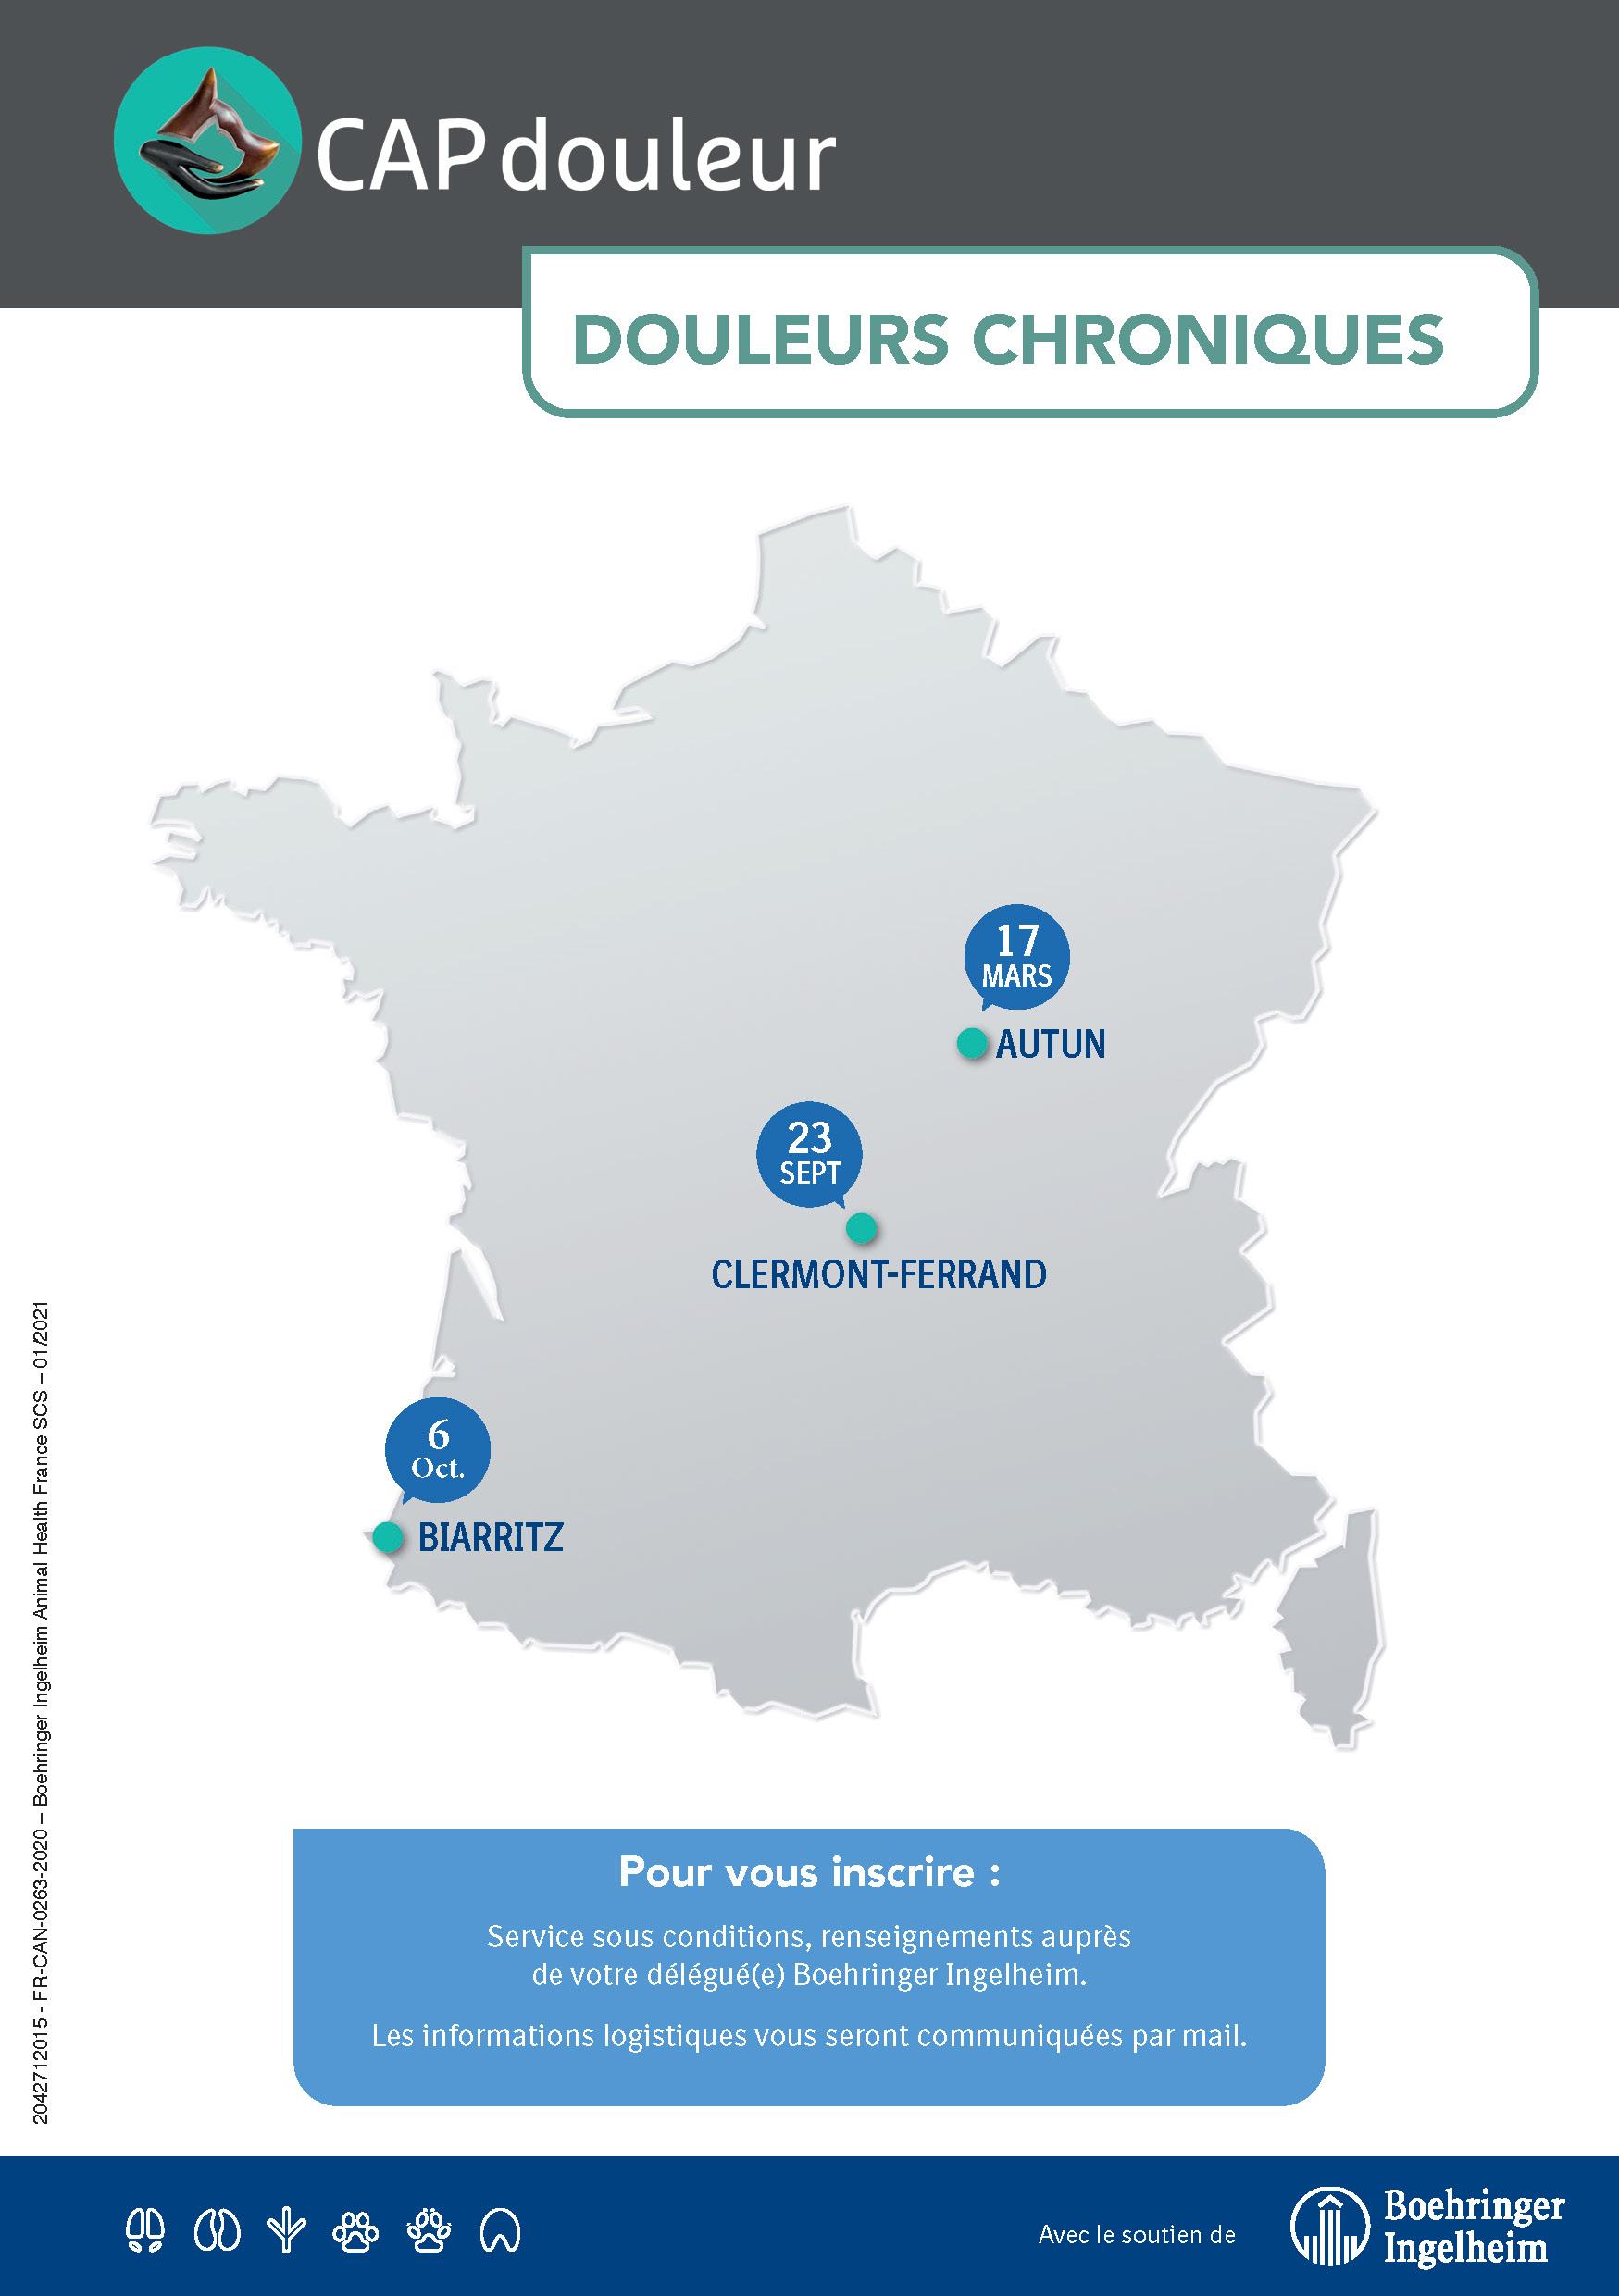 CAPDouleur-Invit-3-Chroniques_2020-11-30_A5-HD_Page_2